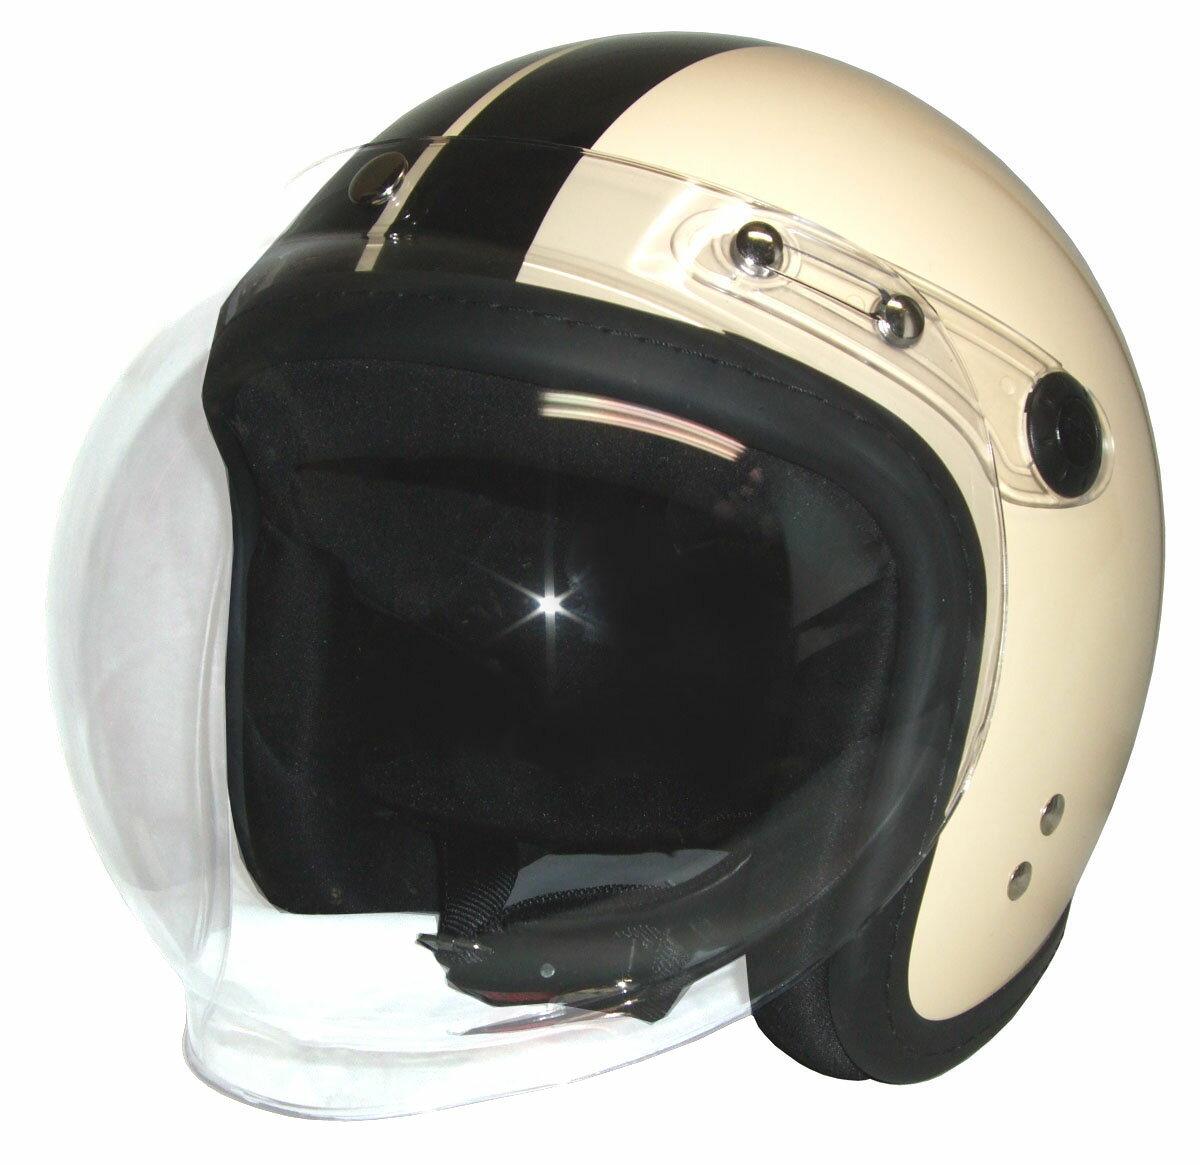 ジェットヘルメット アイボリー/ブラック 開閉式バブルシールド